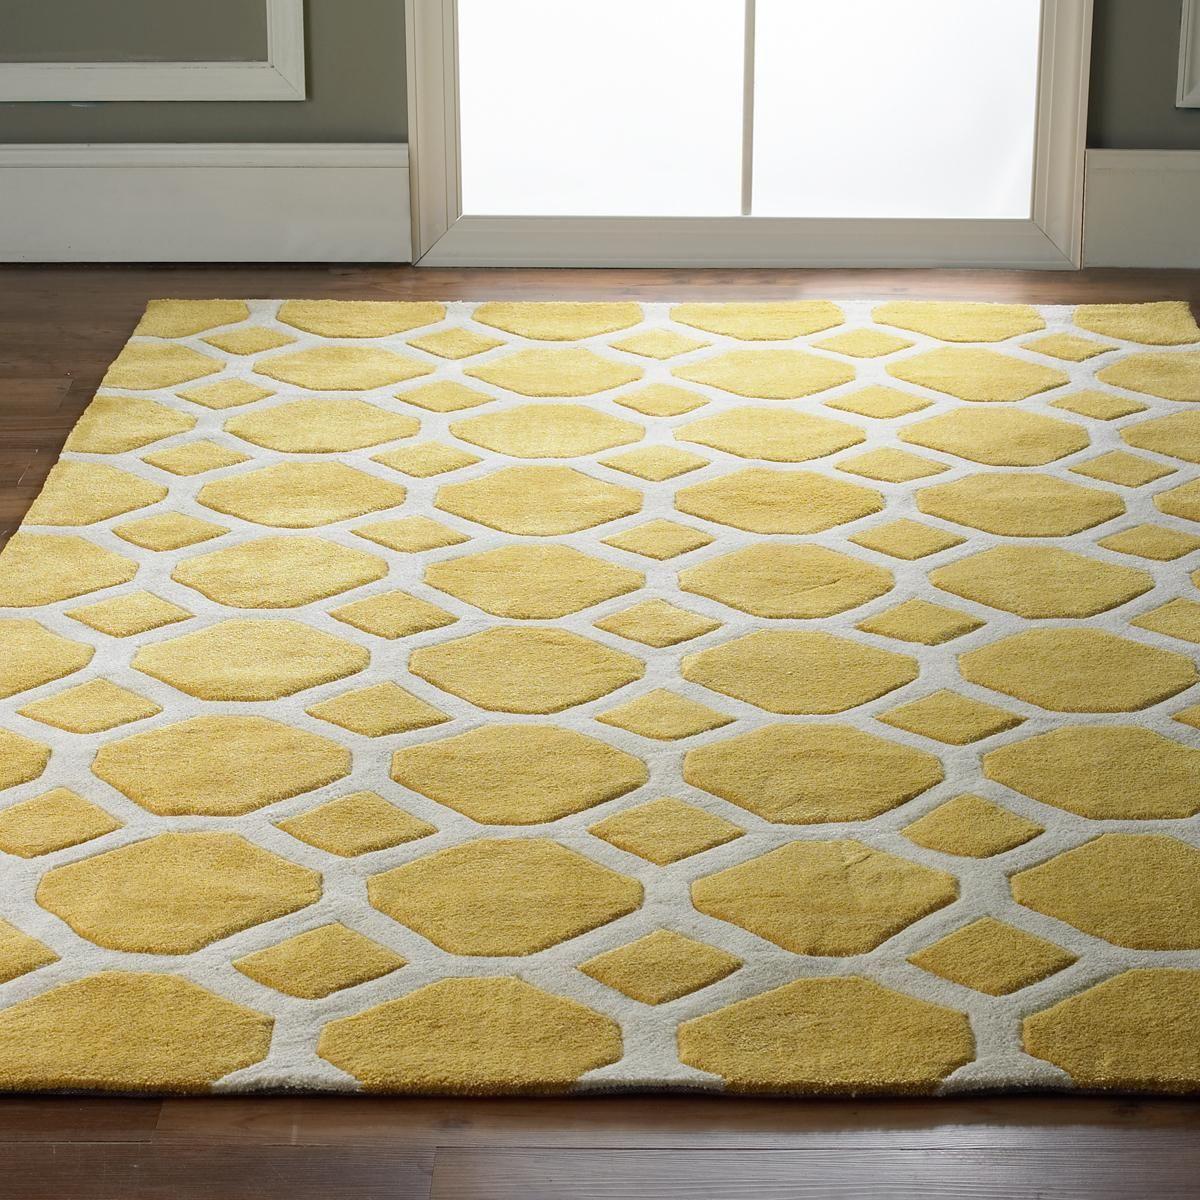 Honeycomb Carved Soft Rug Rugs Nursery Rugs Rugs